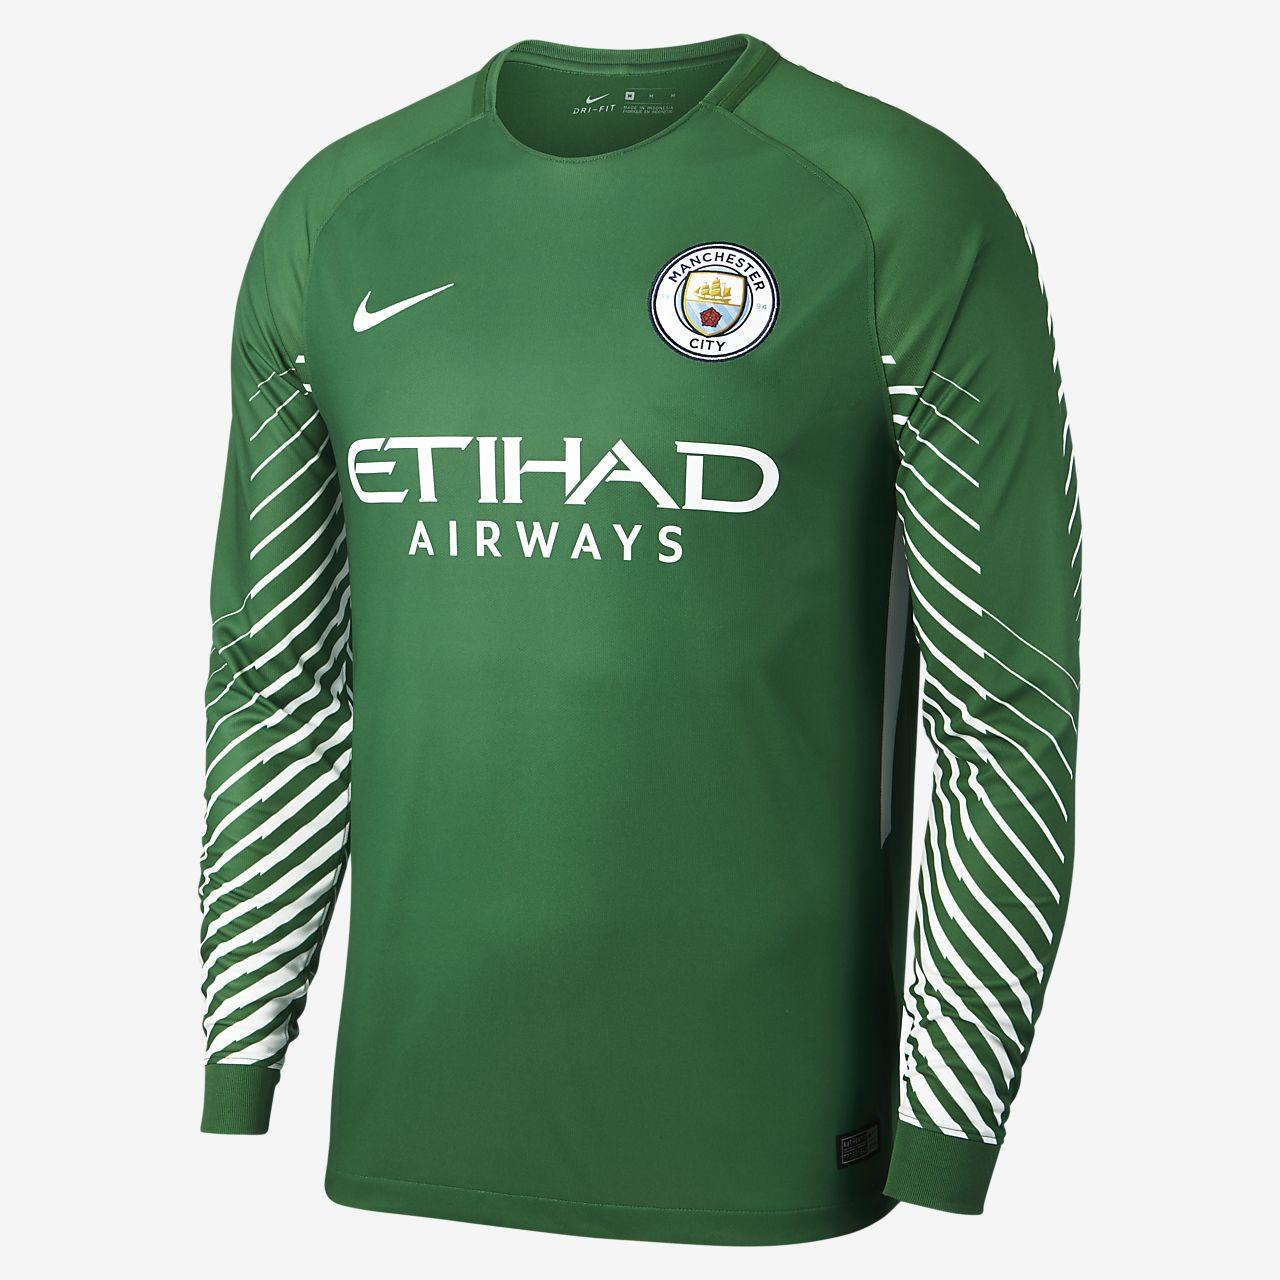 5491c160804 Men s Long-Sleeve Football Shirt. 2017 18 Manchester City FC Stadium  Goalkeeper